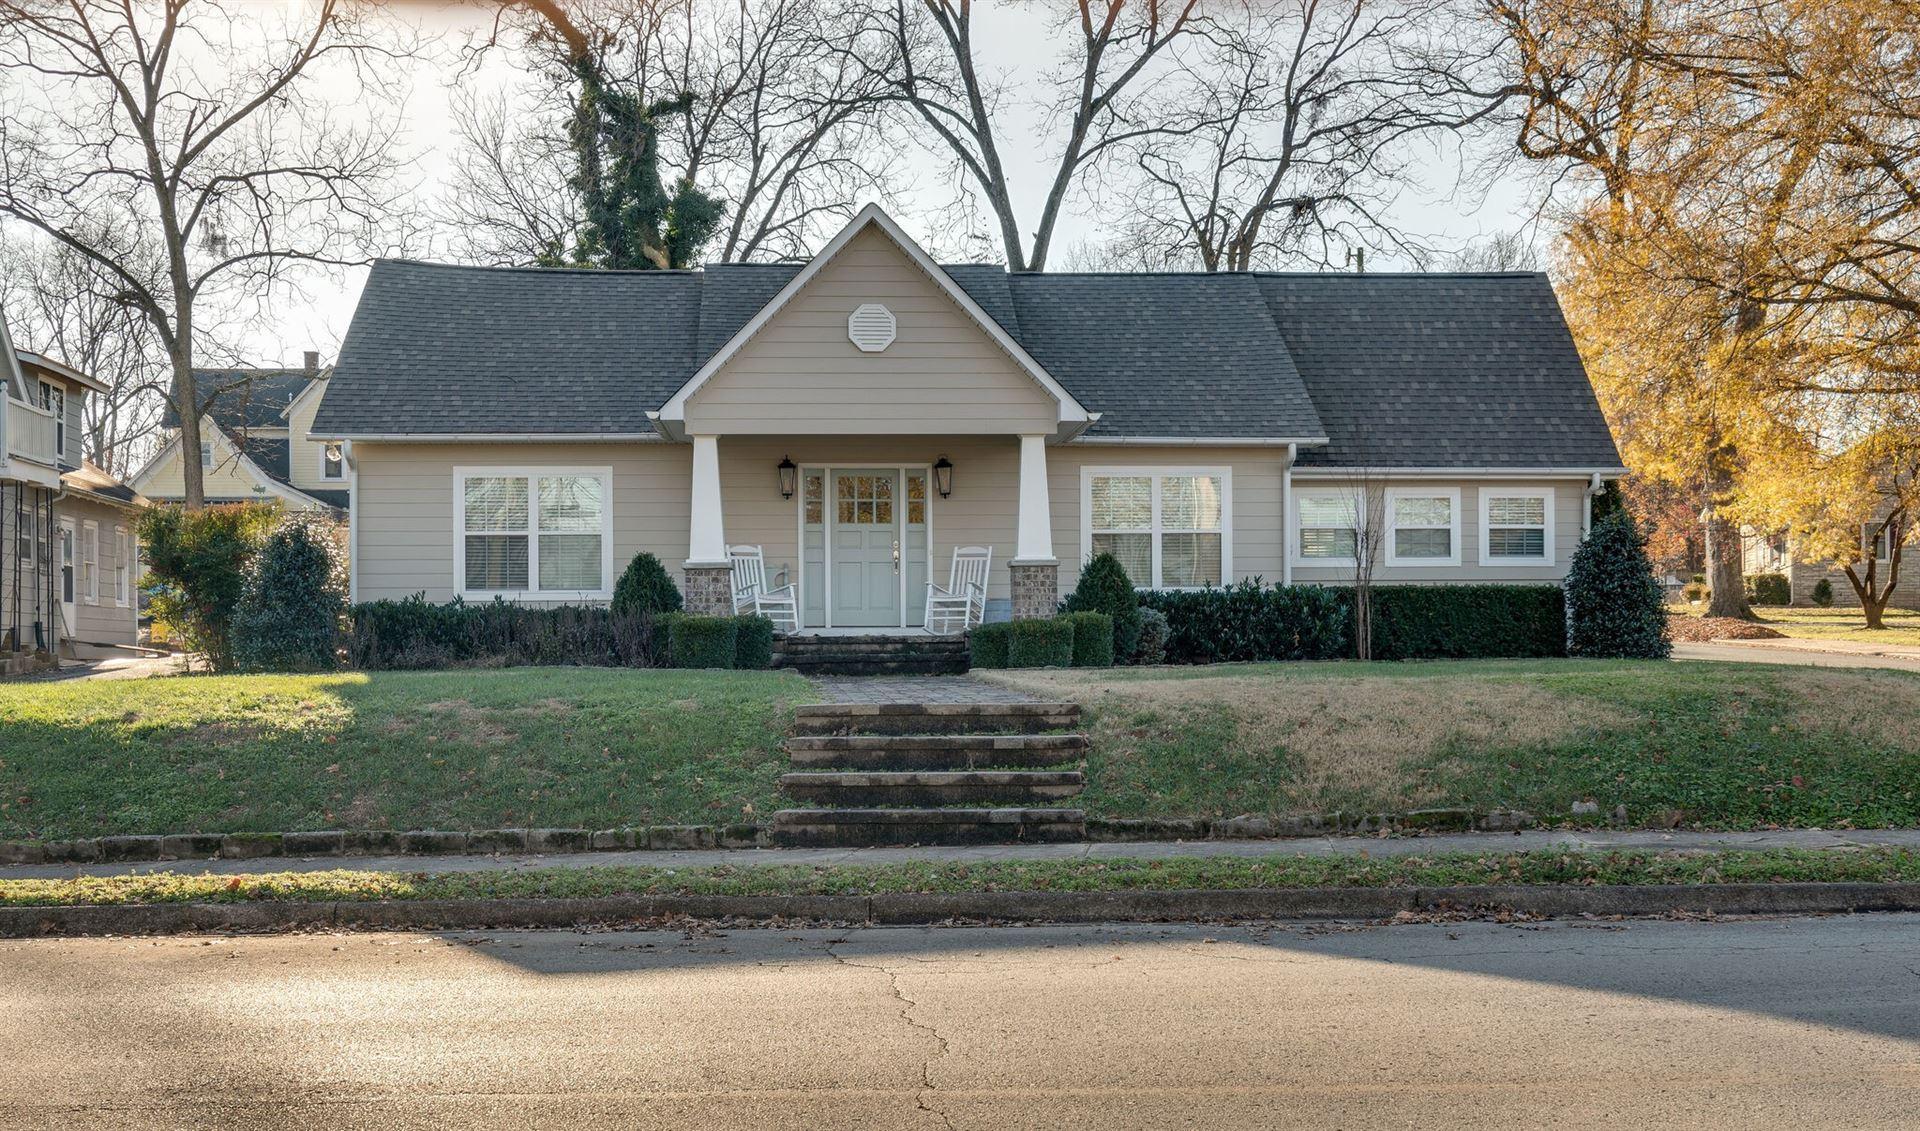 409 N Jefferson St, Winchester, TN 37398 - MLS#: 2212297